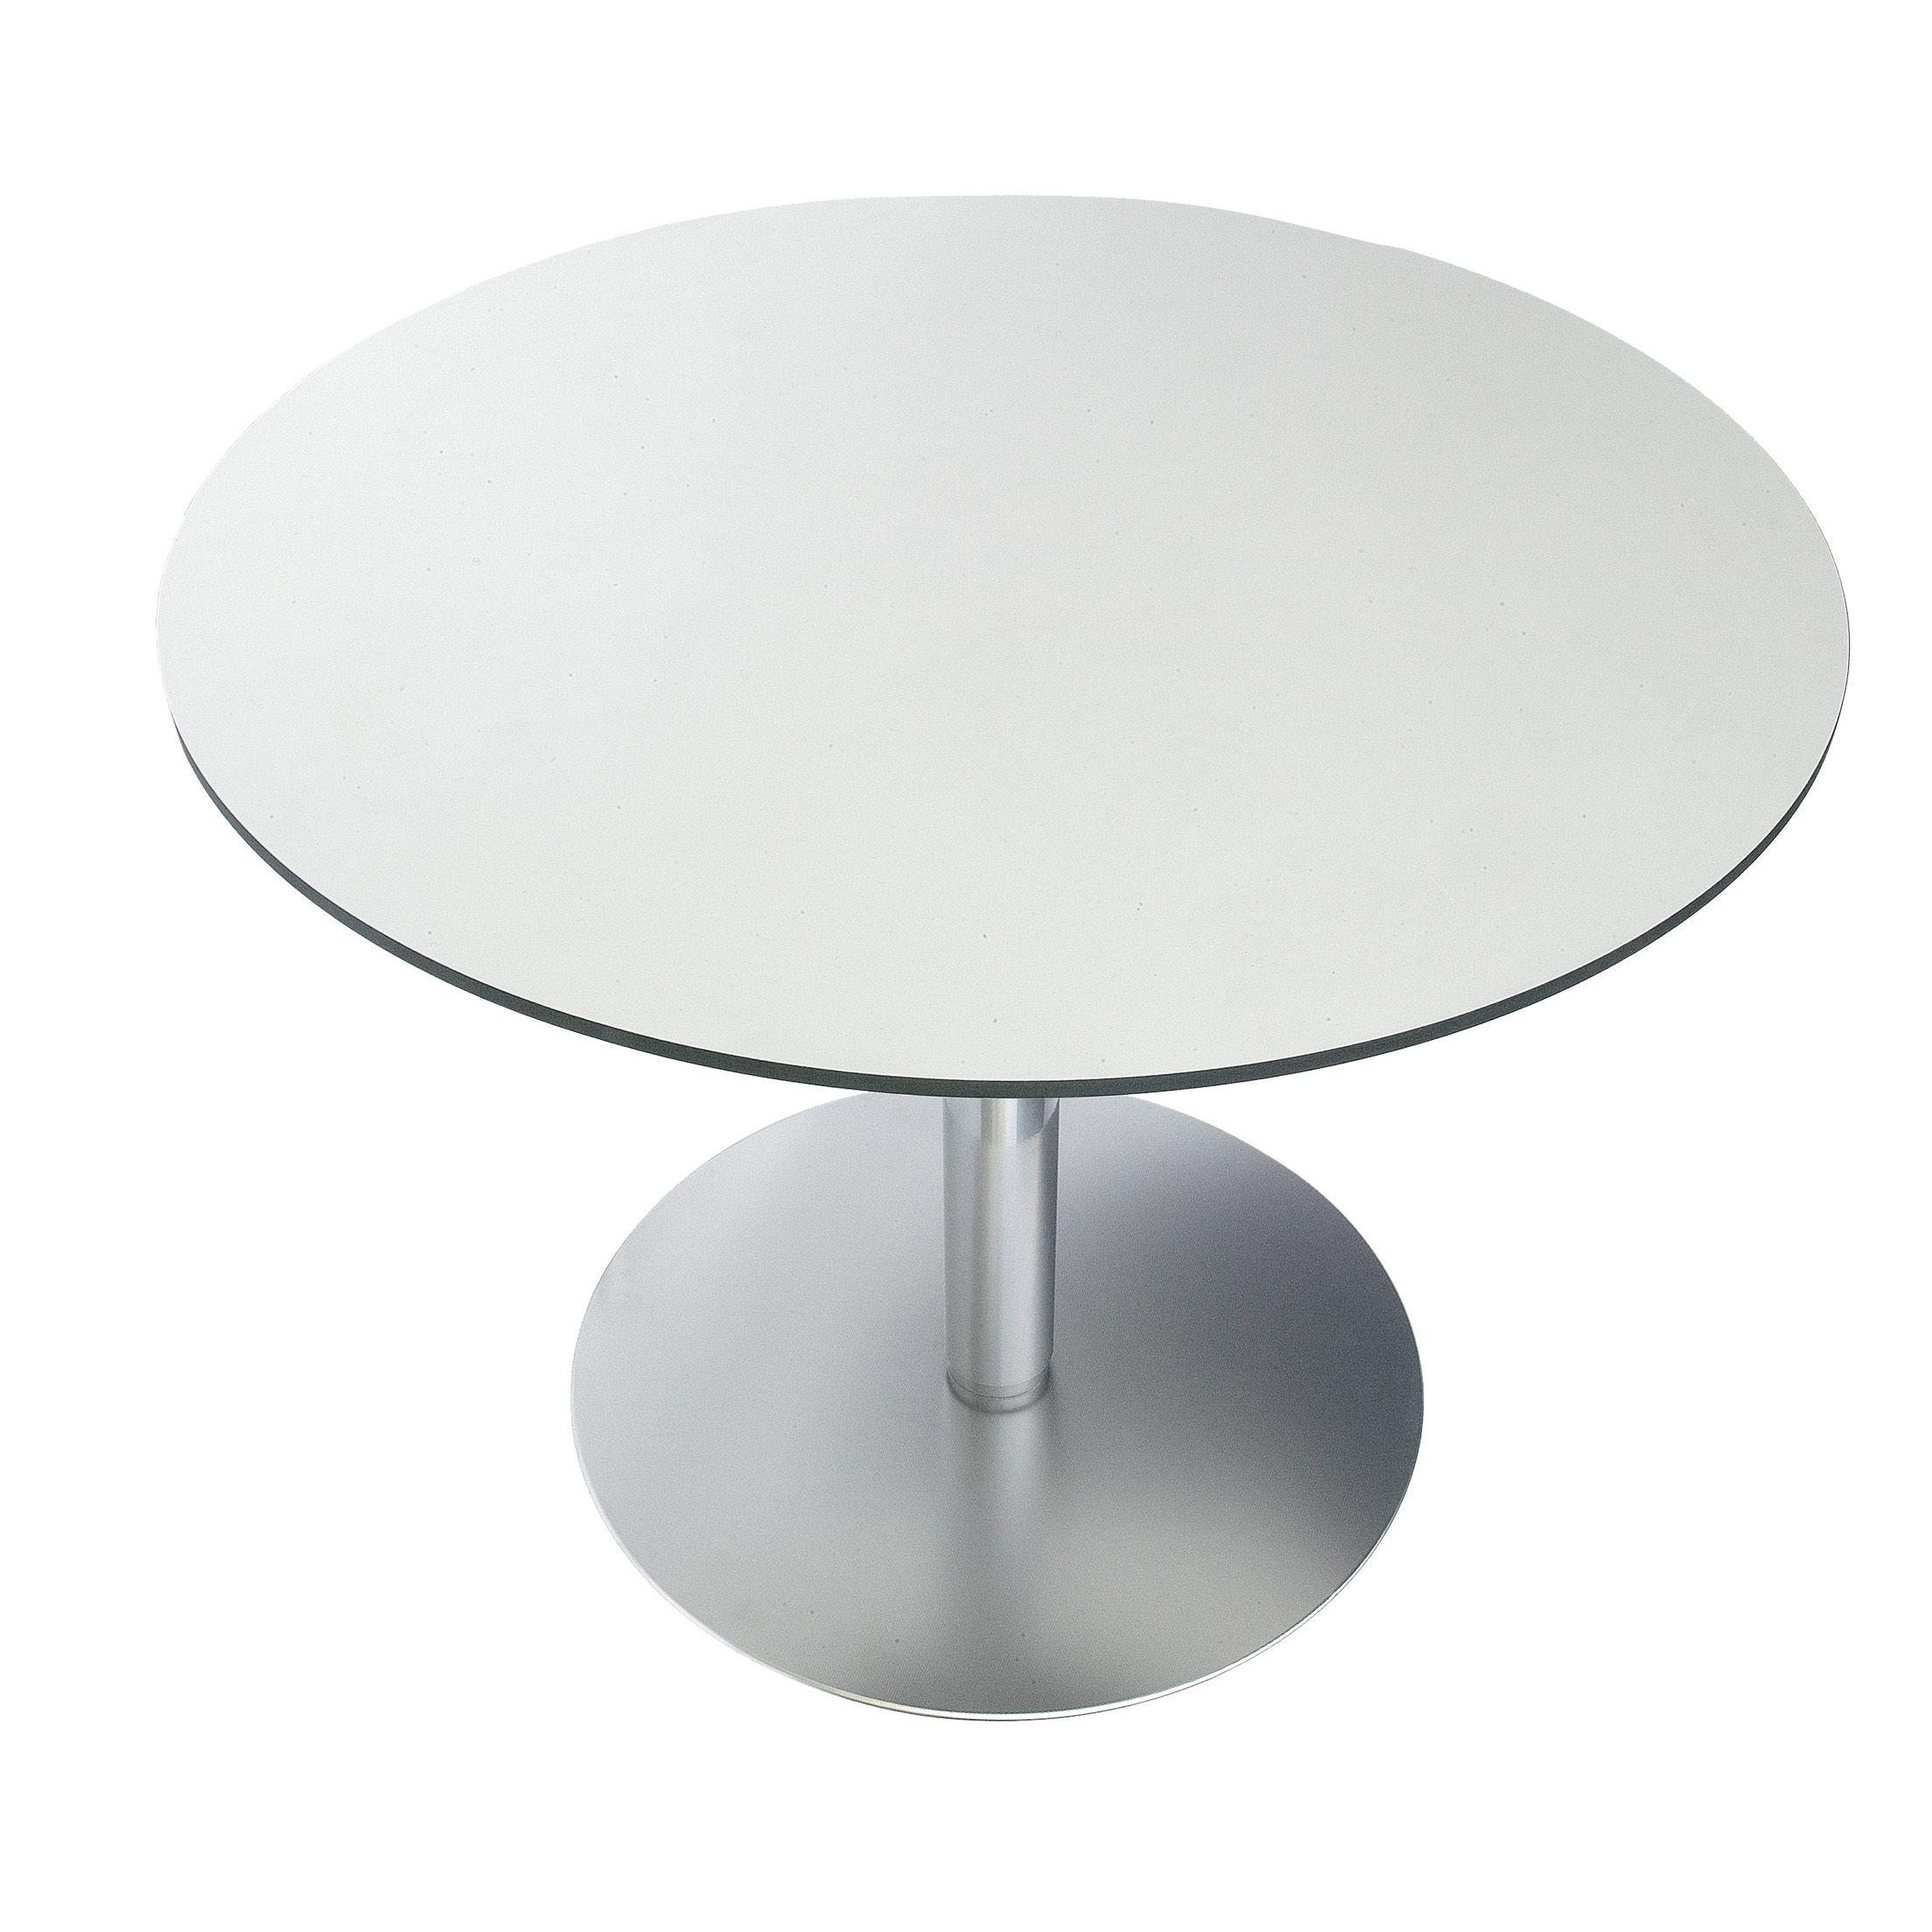 Arredamento - Tavoli alti - Tavolo ad altezza regolabile Brio - altezza regolabile - Ø 60 cm di Lapalma - Laminato HPL bianco - Acciaio, HPL